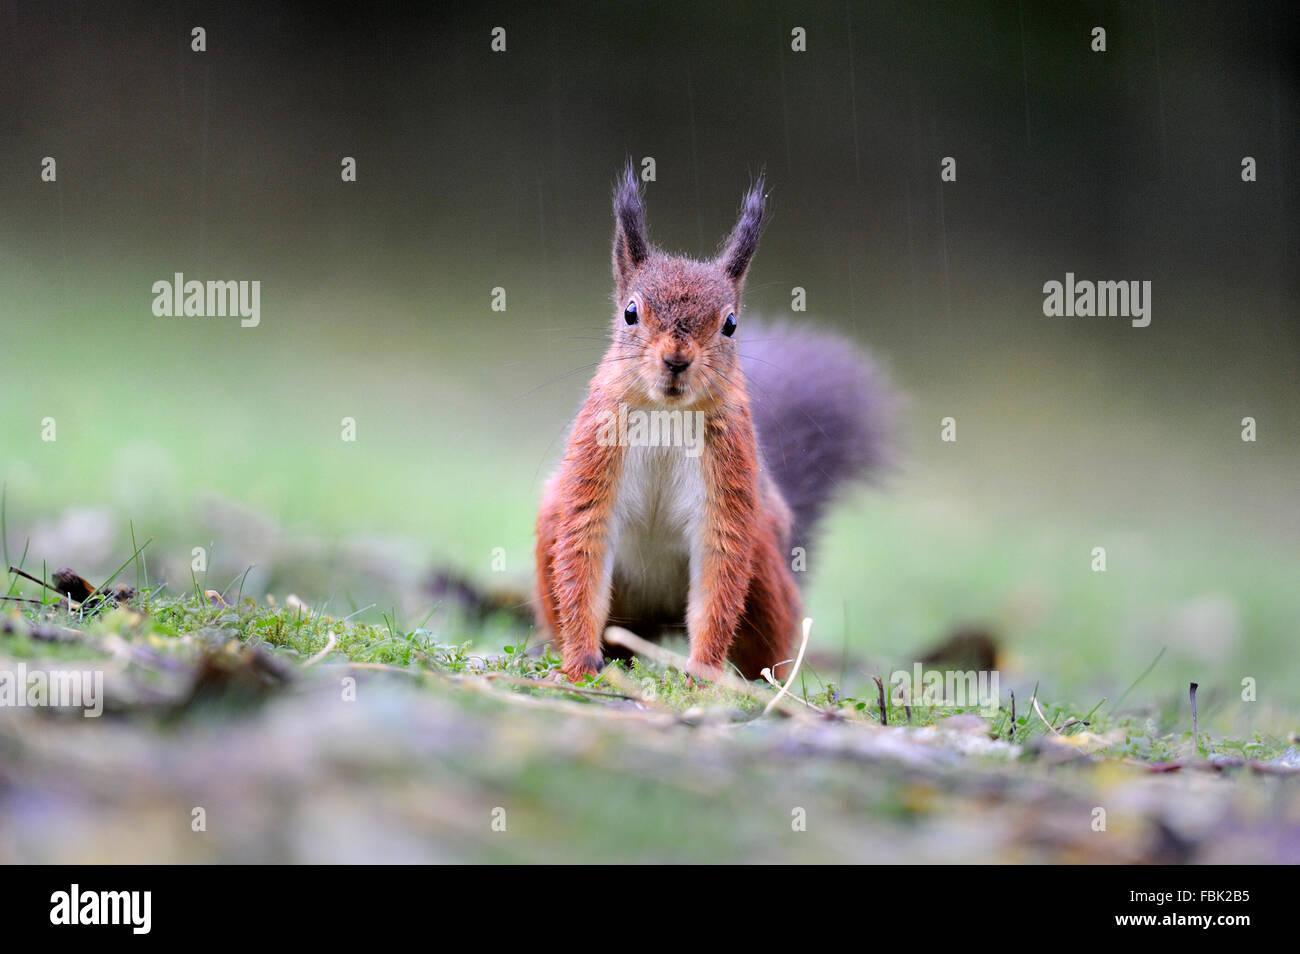 Ardilla roja (Sciurus vulgaris) en ouring lluvia, mirando directamente a la cámara, en el jardín de césped, Imagen De Stock